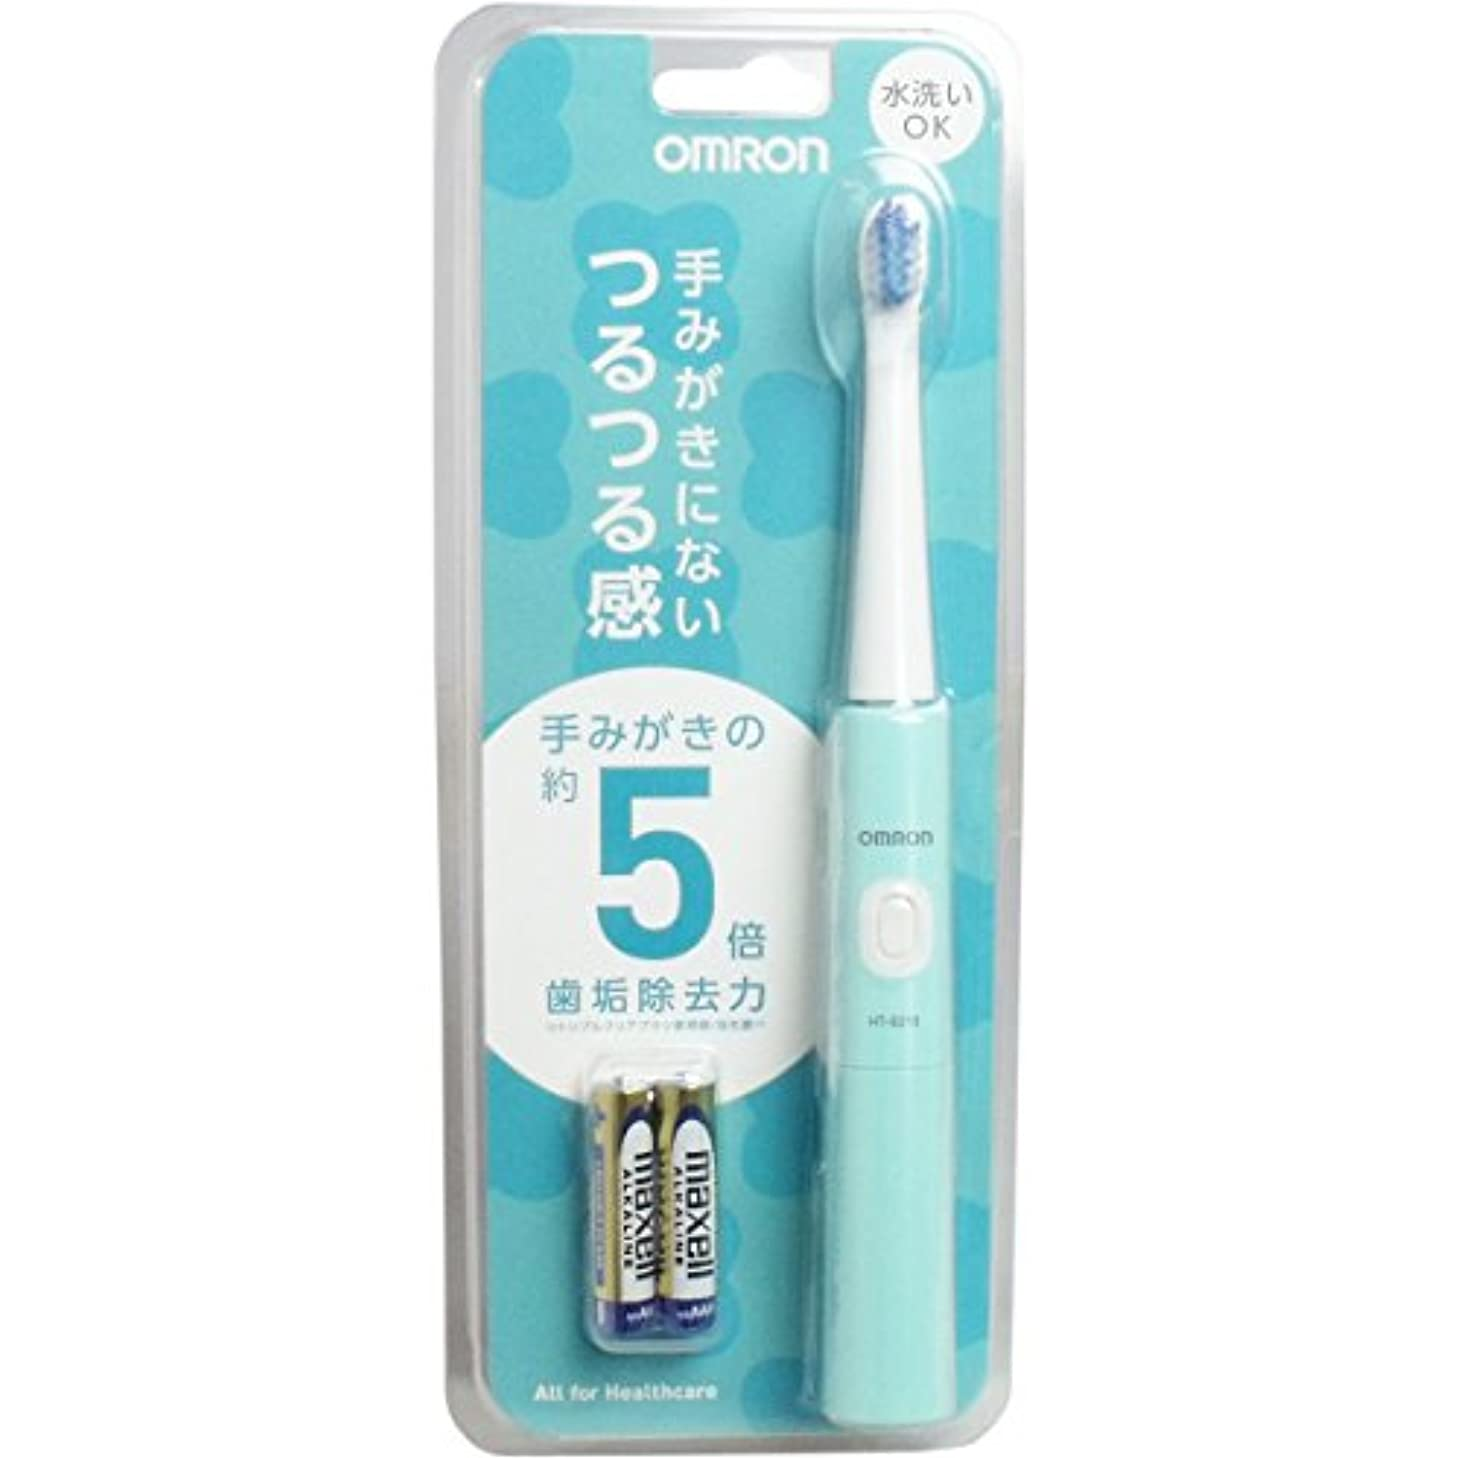 ハード人形各オムロンヘルスケア 音波式電動歯ブラシ ミントグリーン HT-B210-G